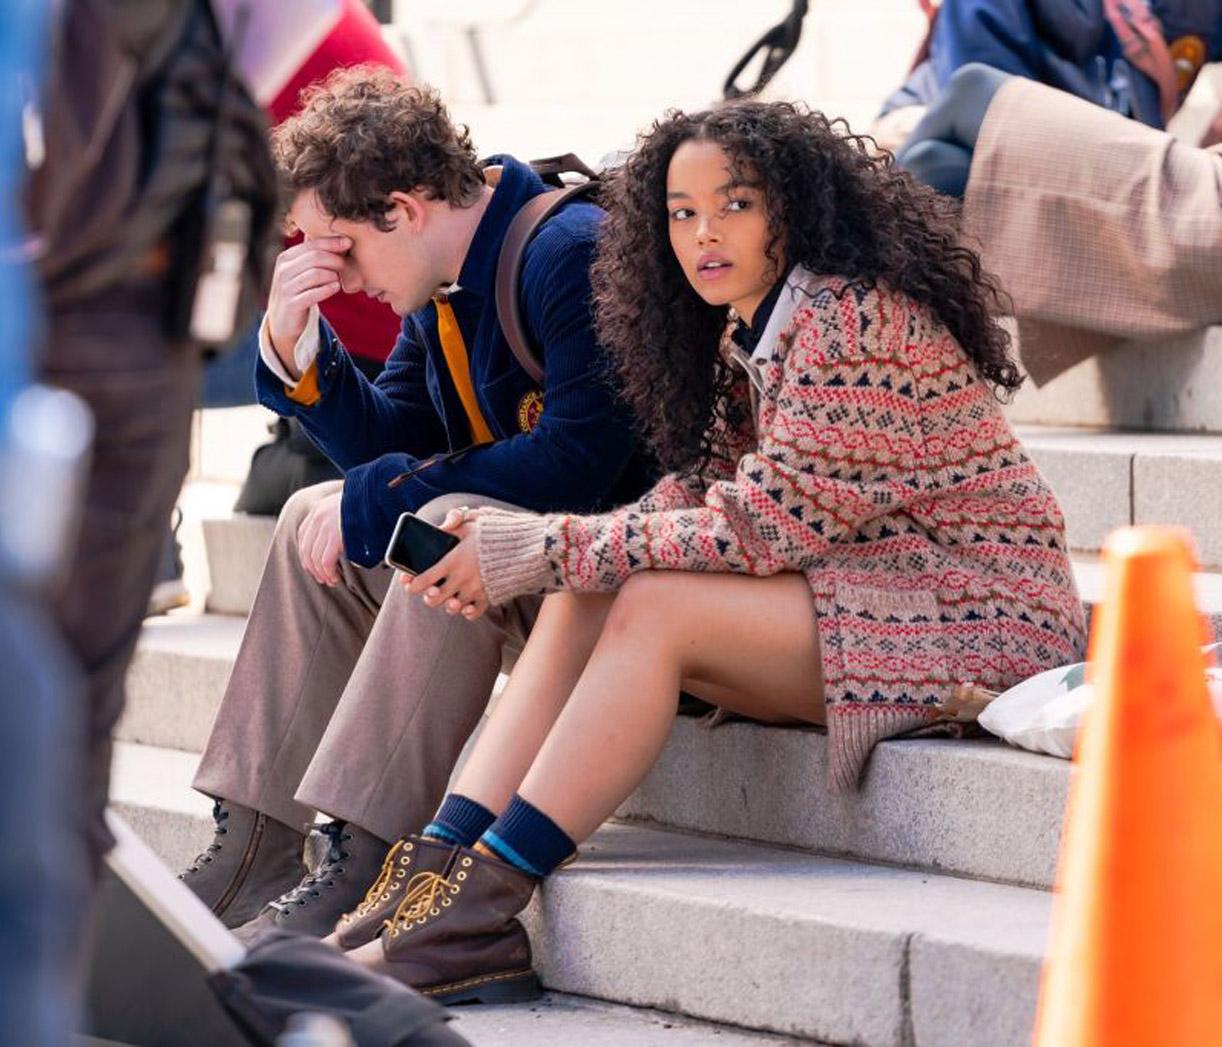 Whitney Peak som Zoya Lott. Her med Eli Brown på settet i NYC mars 2021 (Gotham/GC Images)